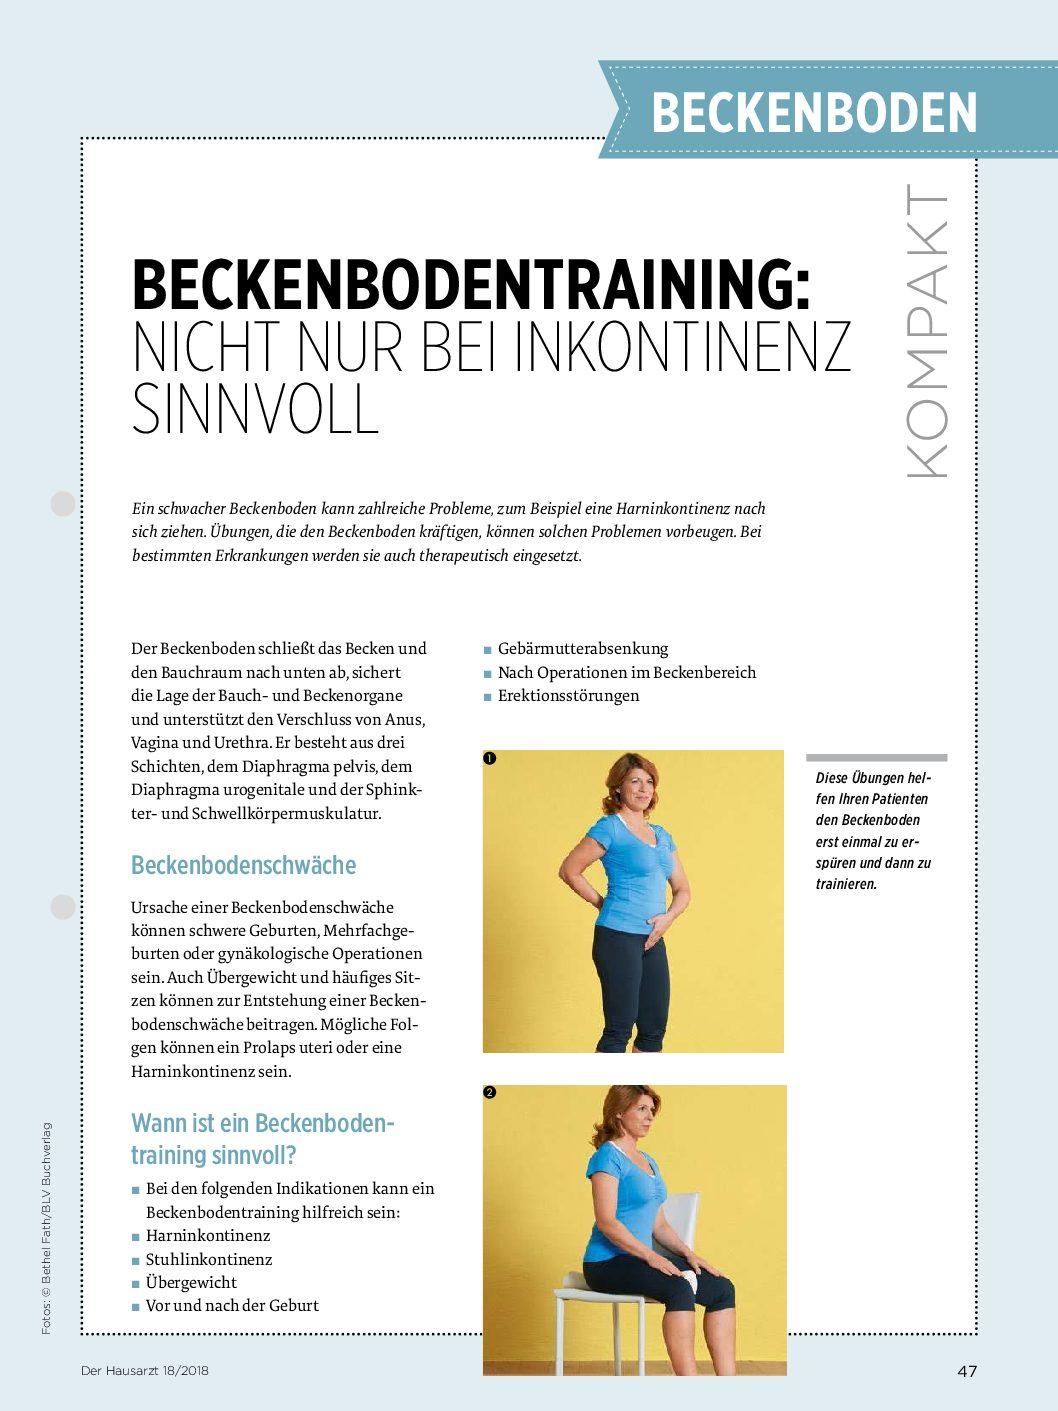 Beckenbodentraining: Nicht nur bei Inkontinenz sinnvoll